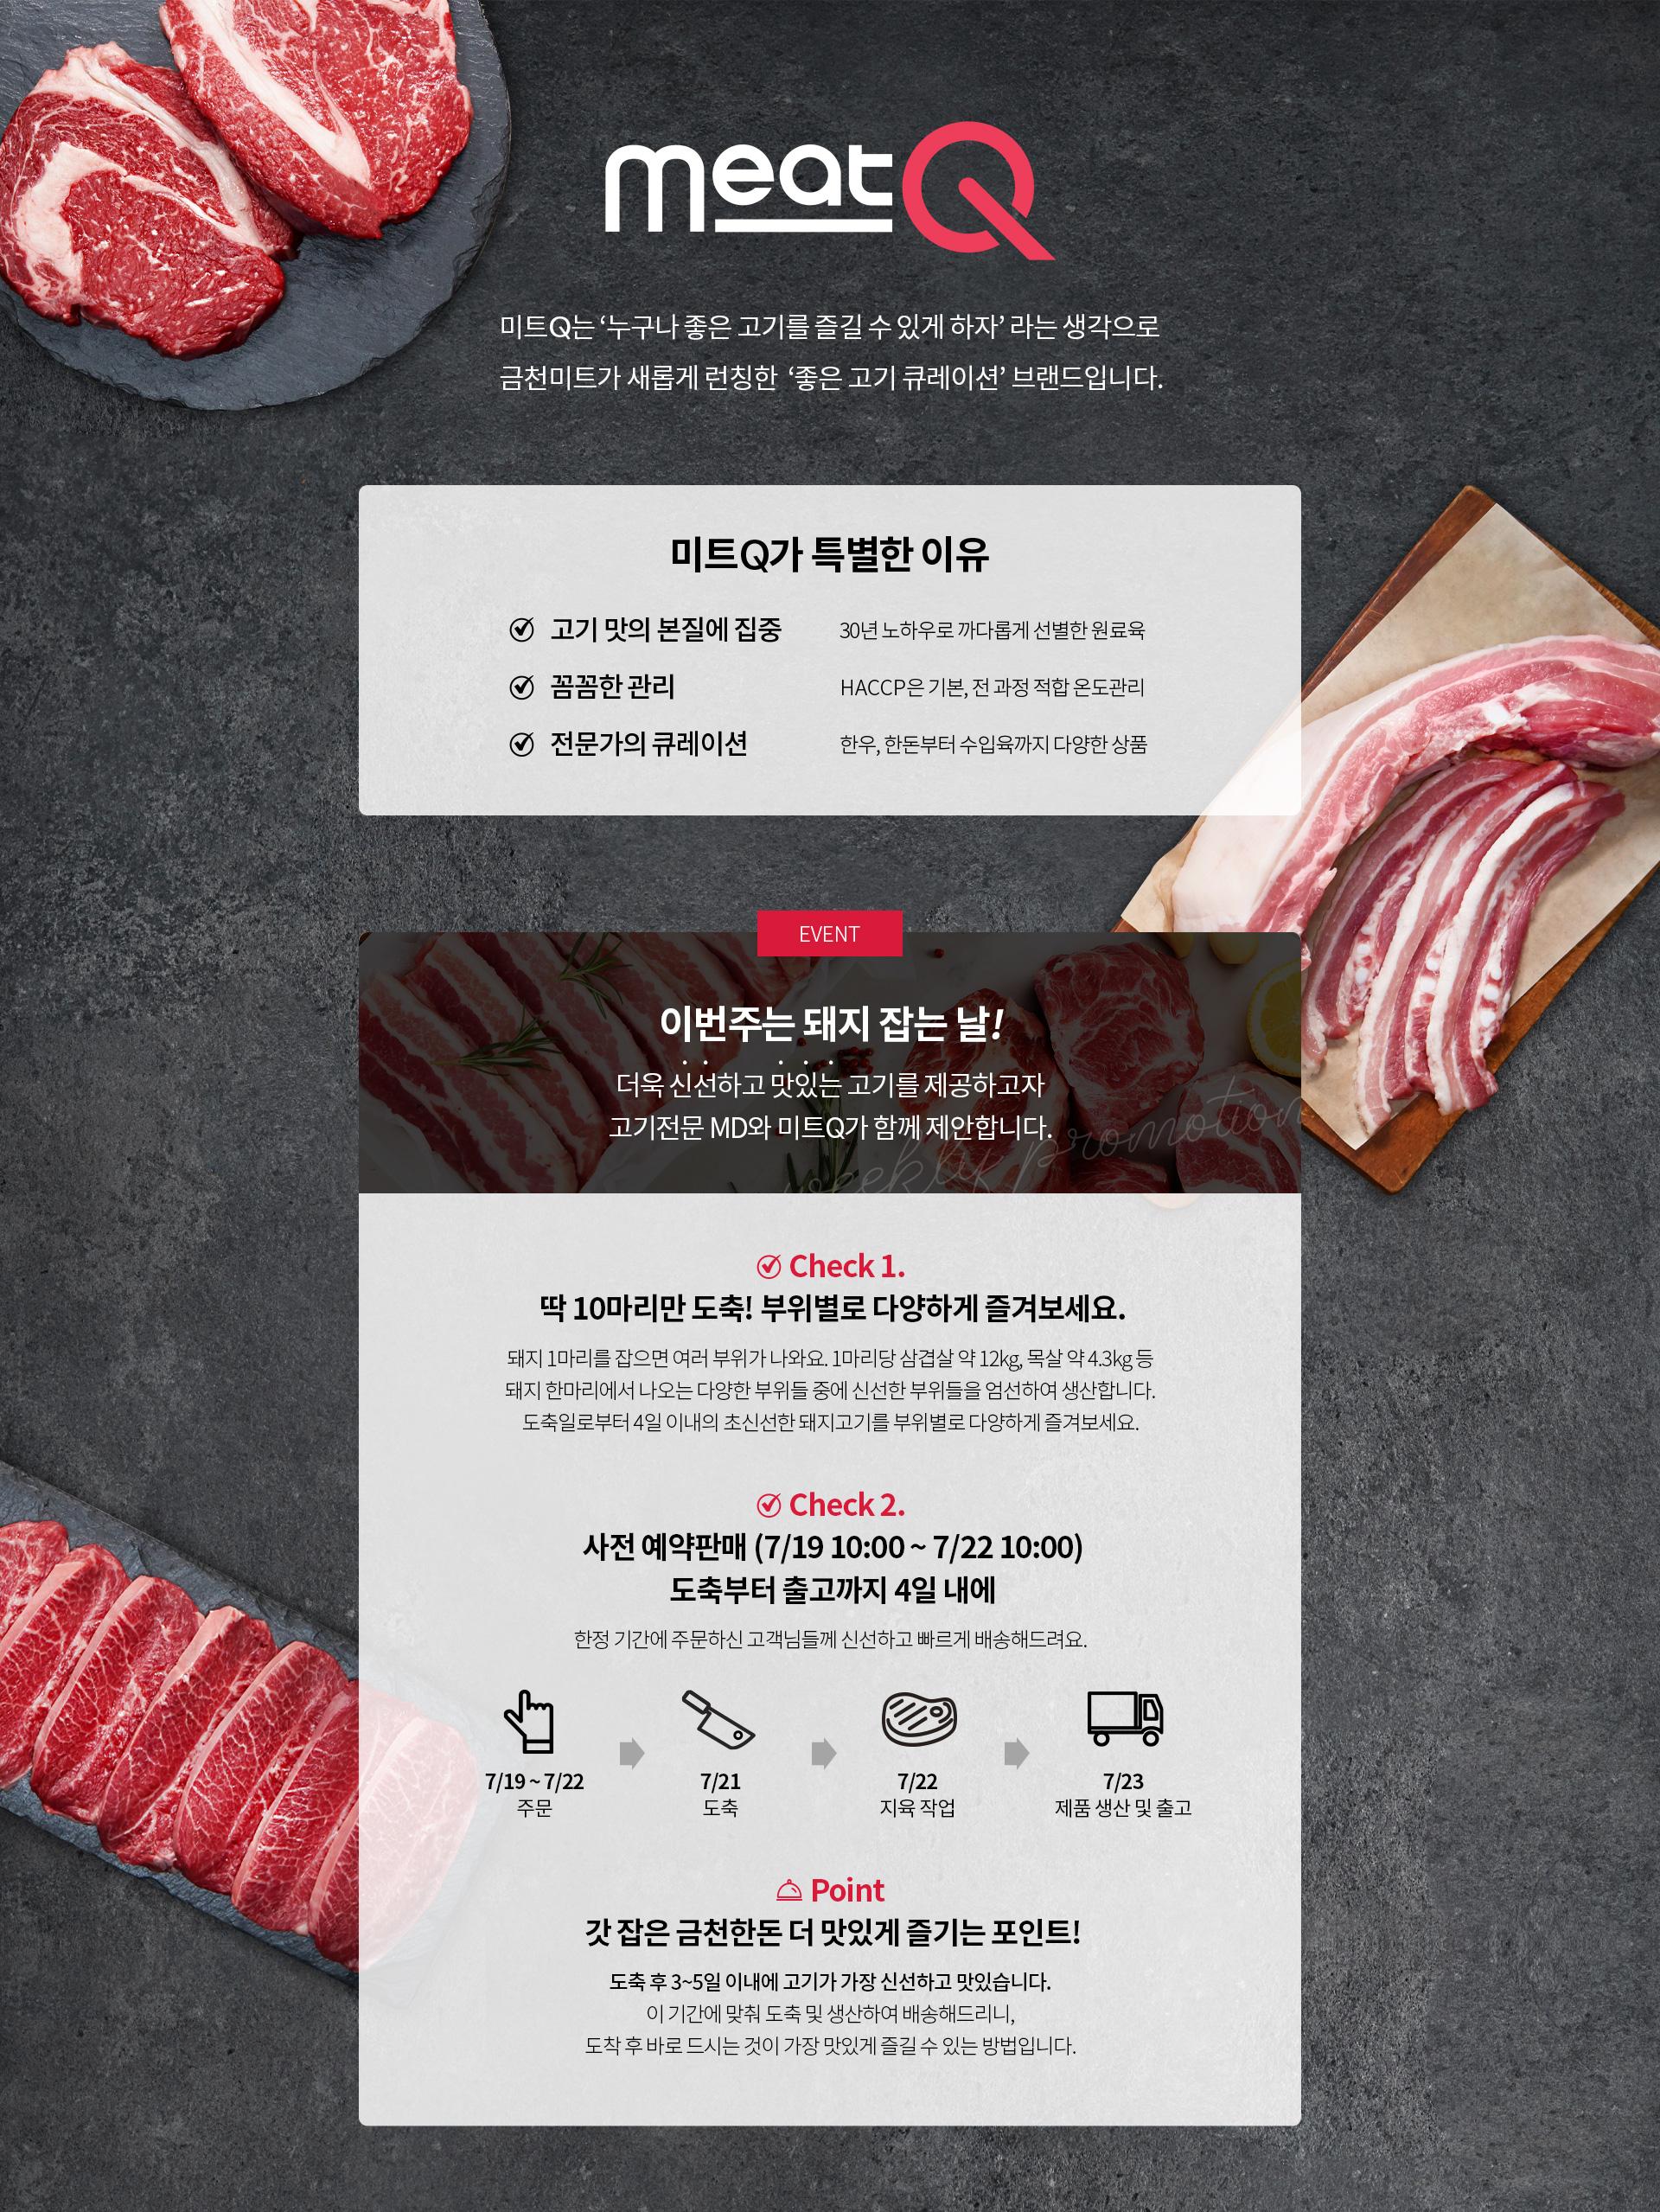 미트O는 누구나 좋은 고기를 즐길 수 있게 하자 라는 생각으로 금천미트가 새롭게 런칭한 좋은 고기 큐레이션 브랜드입니다.